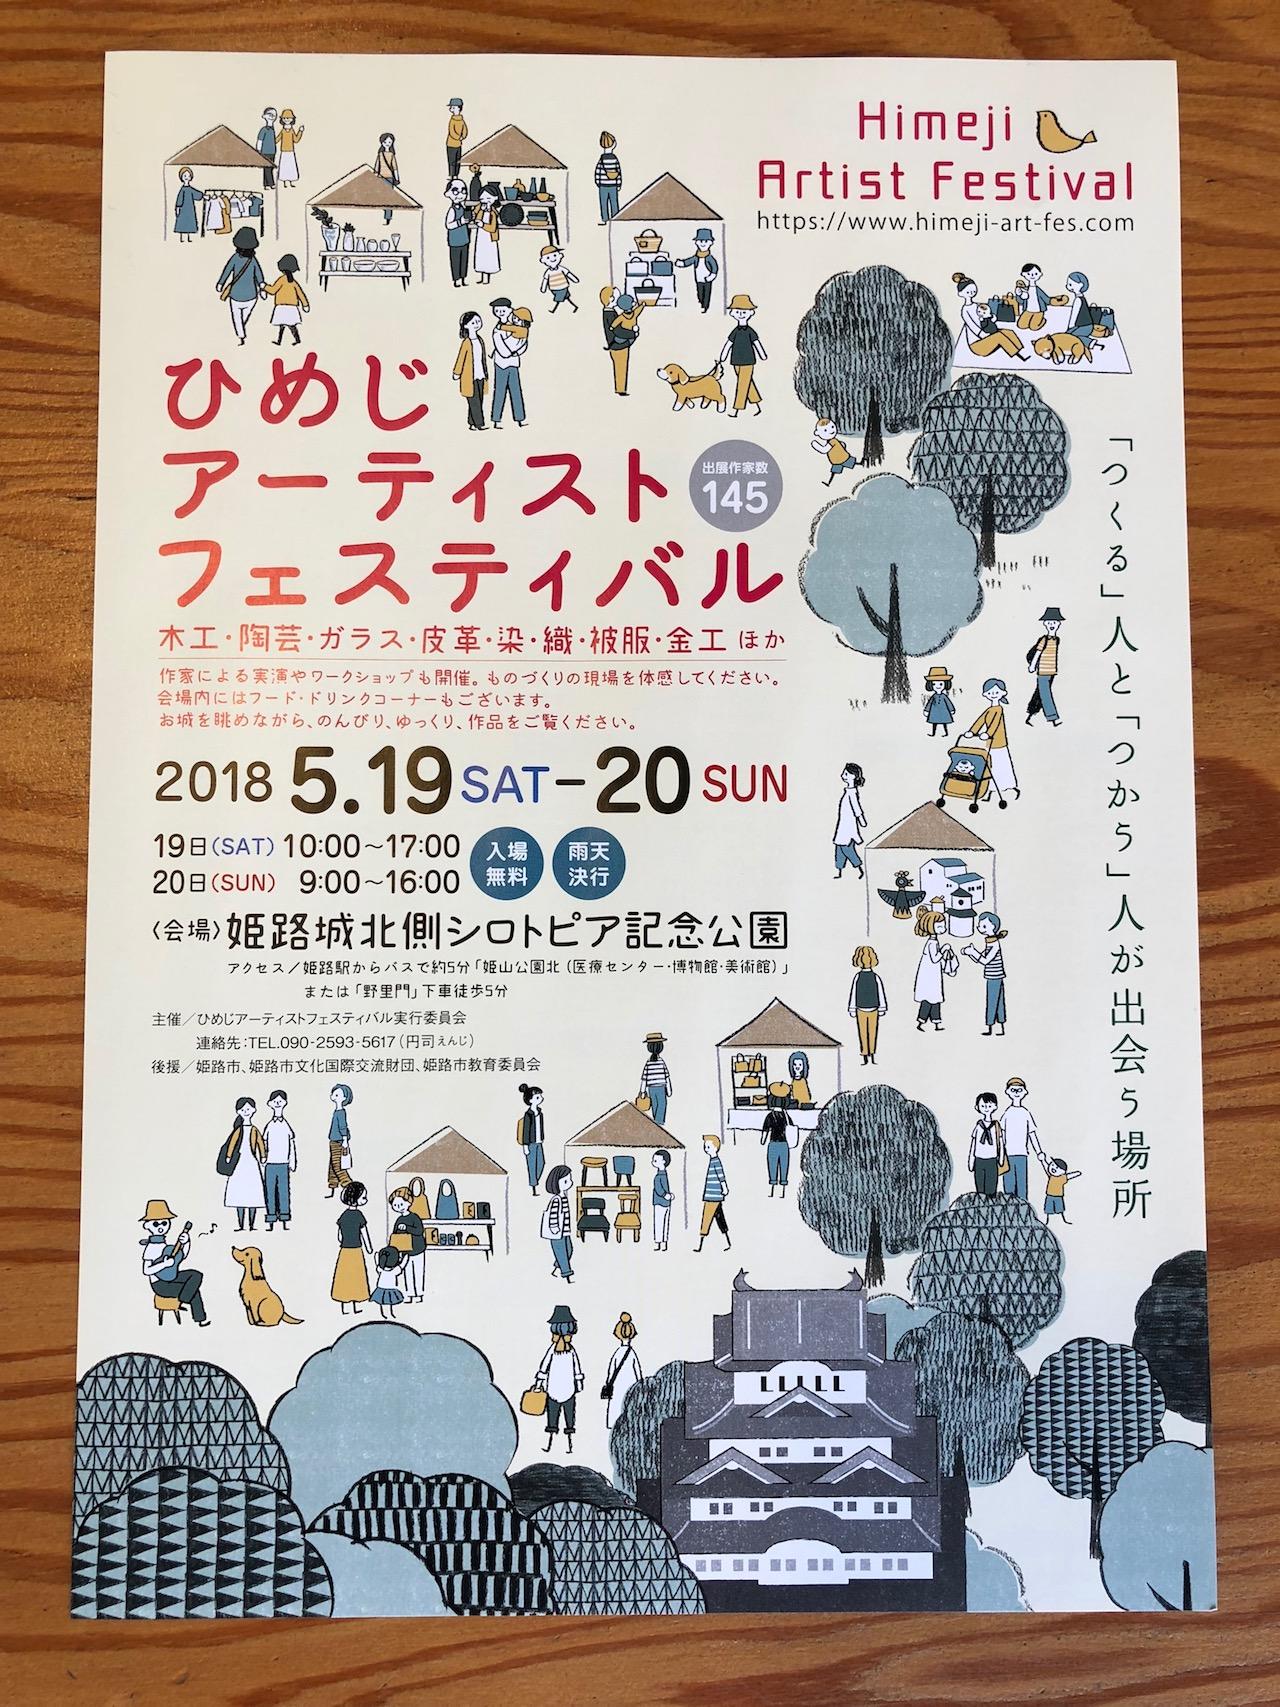 ひめじアーティストフェスティバル @シロトピア記念公園